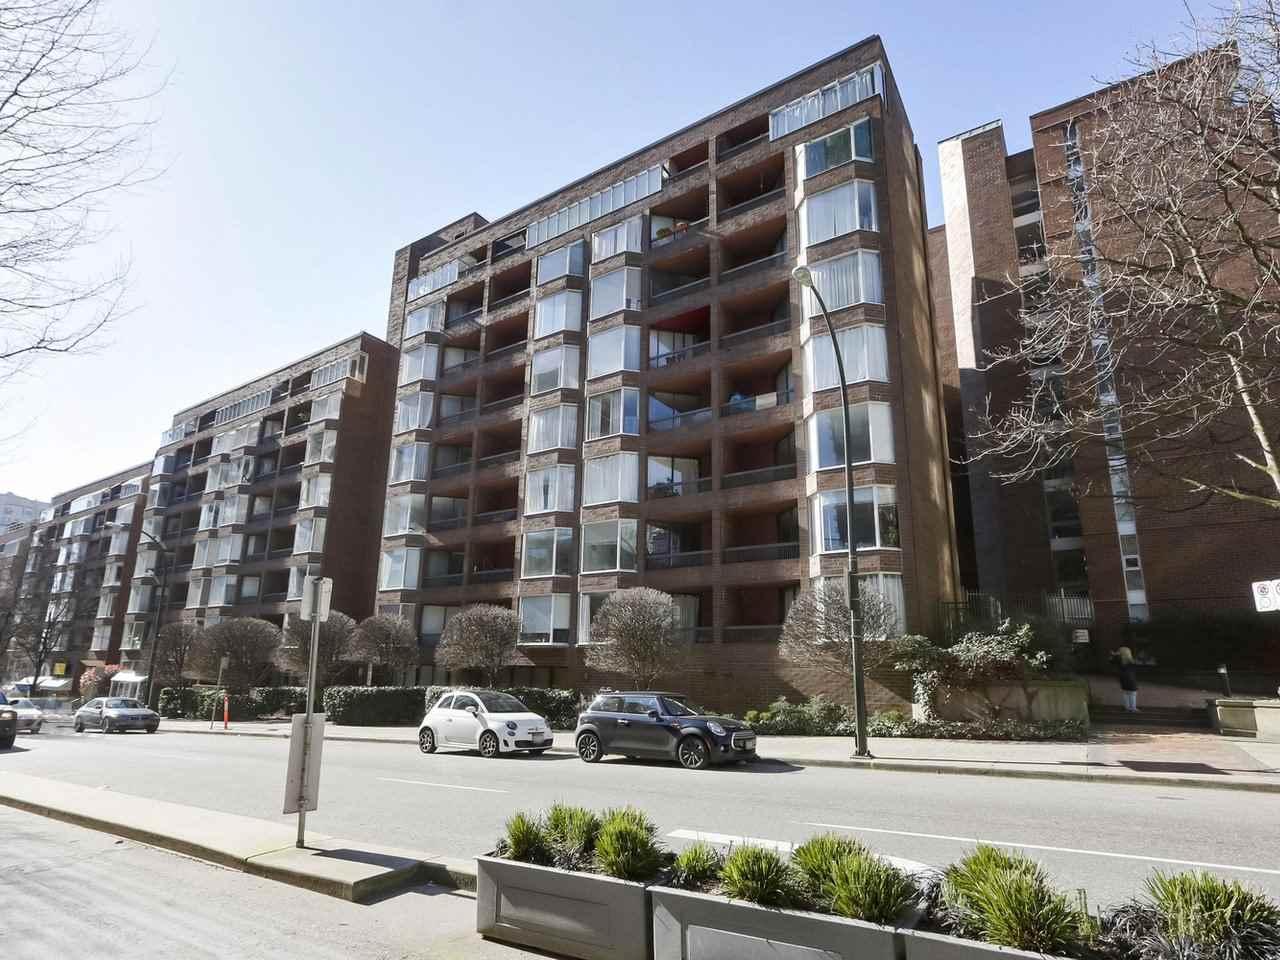 722 1333 HORNBY STREET - MLS® # R2445789